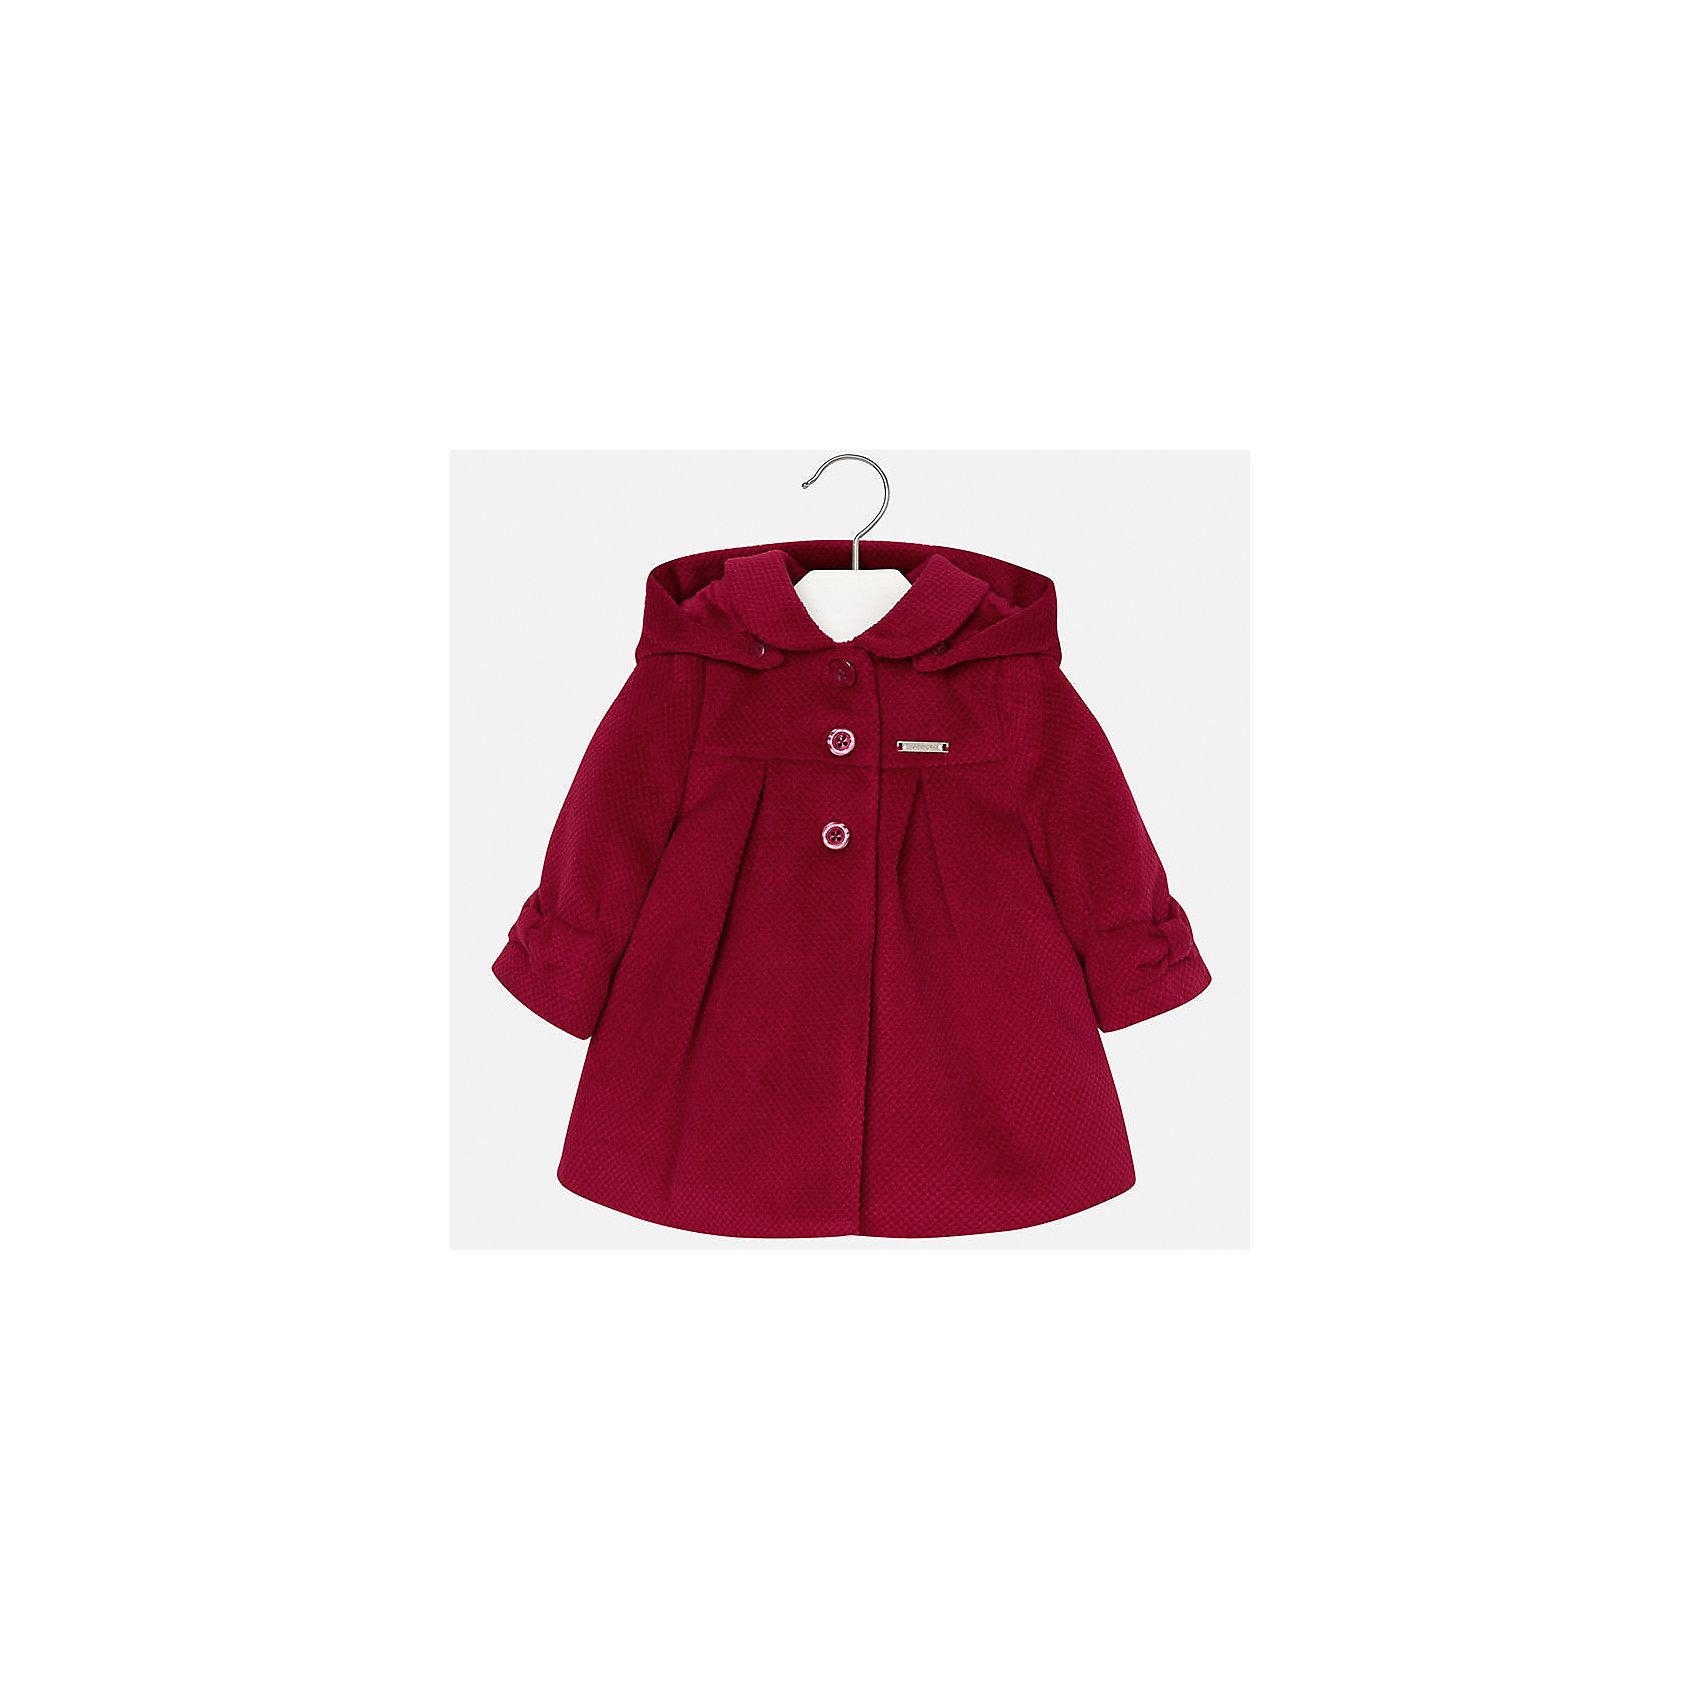 Пальто Mayoral для девочкиВерхняя одежда<br>Характеристики товара:<br><br>• цвет: красный<br>• состав ткани верха: 90% полиэстер, 10% вискоза<br>• подкладка: 100% полиэстер<br>• утеплитель: 100% полиэстер<br>• сезон: демисезон<br>• температурный режим: от -10 до +10<br>• особенности пальто: с капюшоном<br>• капюшон: без меха, съемный<br>• застежка: пуговицы<br>• страна бренда: Испания<br>• страна изготовитель: Индия<br><br>Красное пальто для девочки от Майорал подарит комфорт. Эффектная детская верхняя одежда от Mayoral отличается модным силуэтом и актуальной расцветкой. <br>Для производства этого детского пальто бренд Mayoral использует только качественную фурнитуру и материалы. <br><br>Пальто для девочки Mayoral (Майорал) можно купить в нашем интернет-магазине.<br><br>Ширина мм: 356<br>Глубина мм: 10<br>Высота мм: 245<br>Вес г: 519<br>Цвет: красный<br>Возраст от месяцев: 12<br>Возраст до месяцев: 15<br>Пол: Женский<br>Возраст: Детский<br>Размер: 80,98,86,92<br>SKU: 6920371